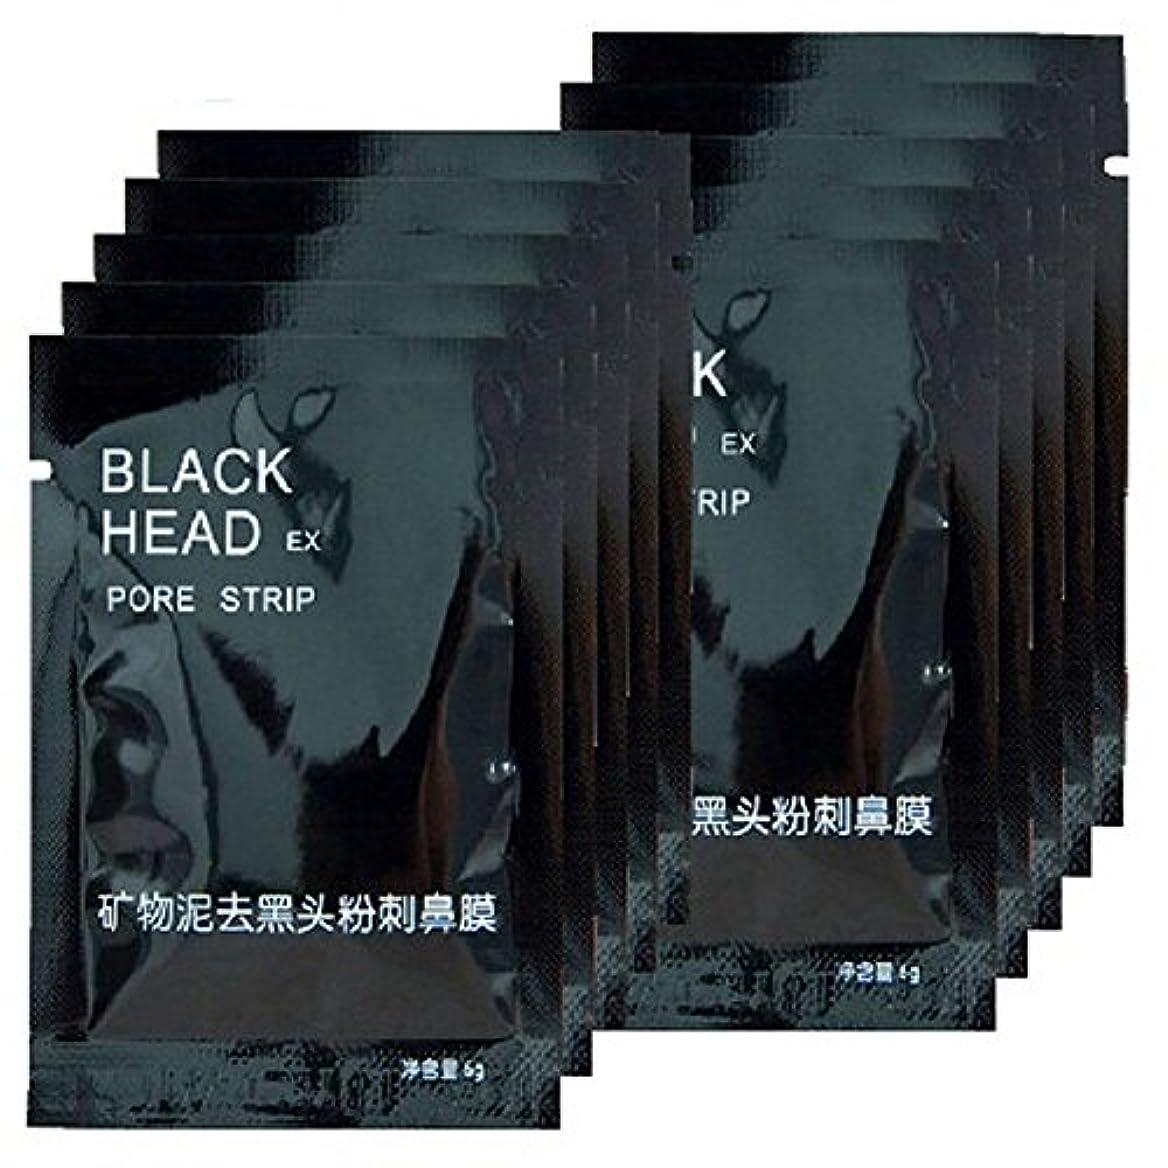 遅れ処方する直立鼻のにきびの除去剤のマスクによって活動化させる木炭は鼻の深いクリーニングの毛穴にきびのための黒いマスクをはがします